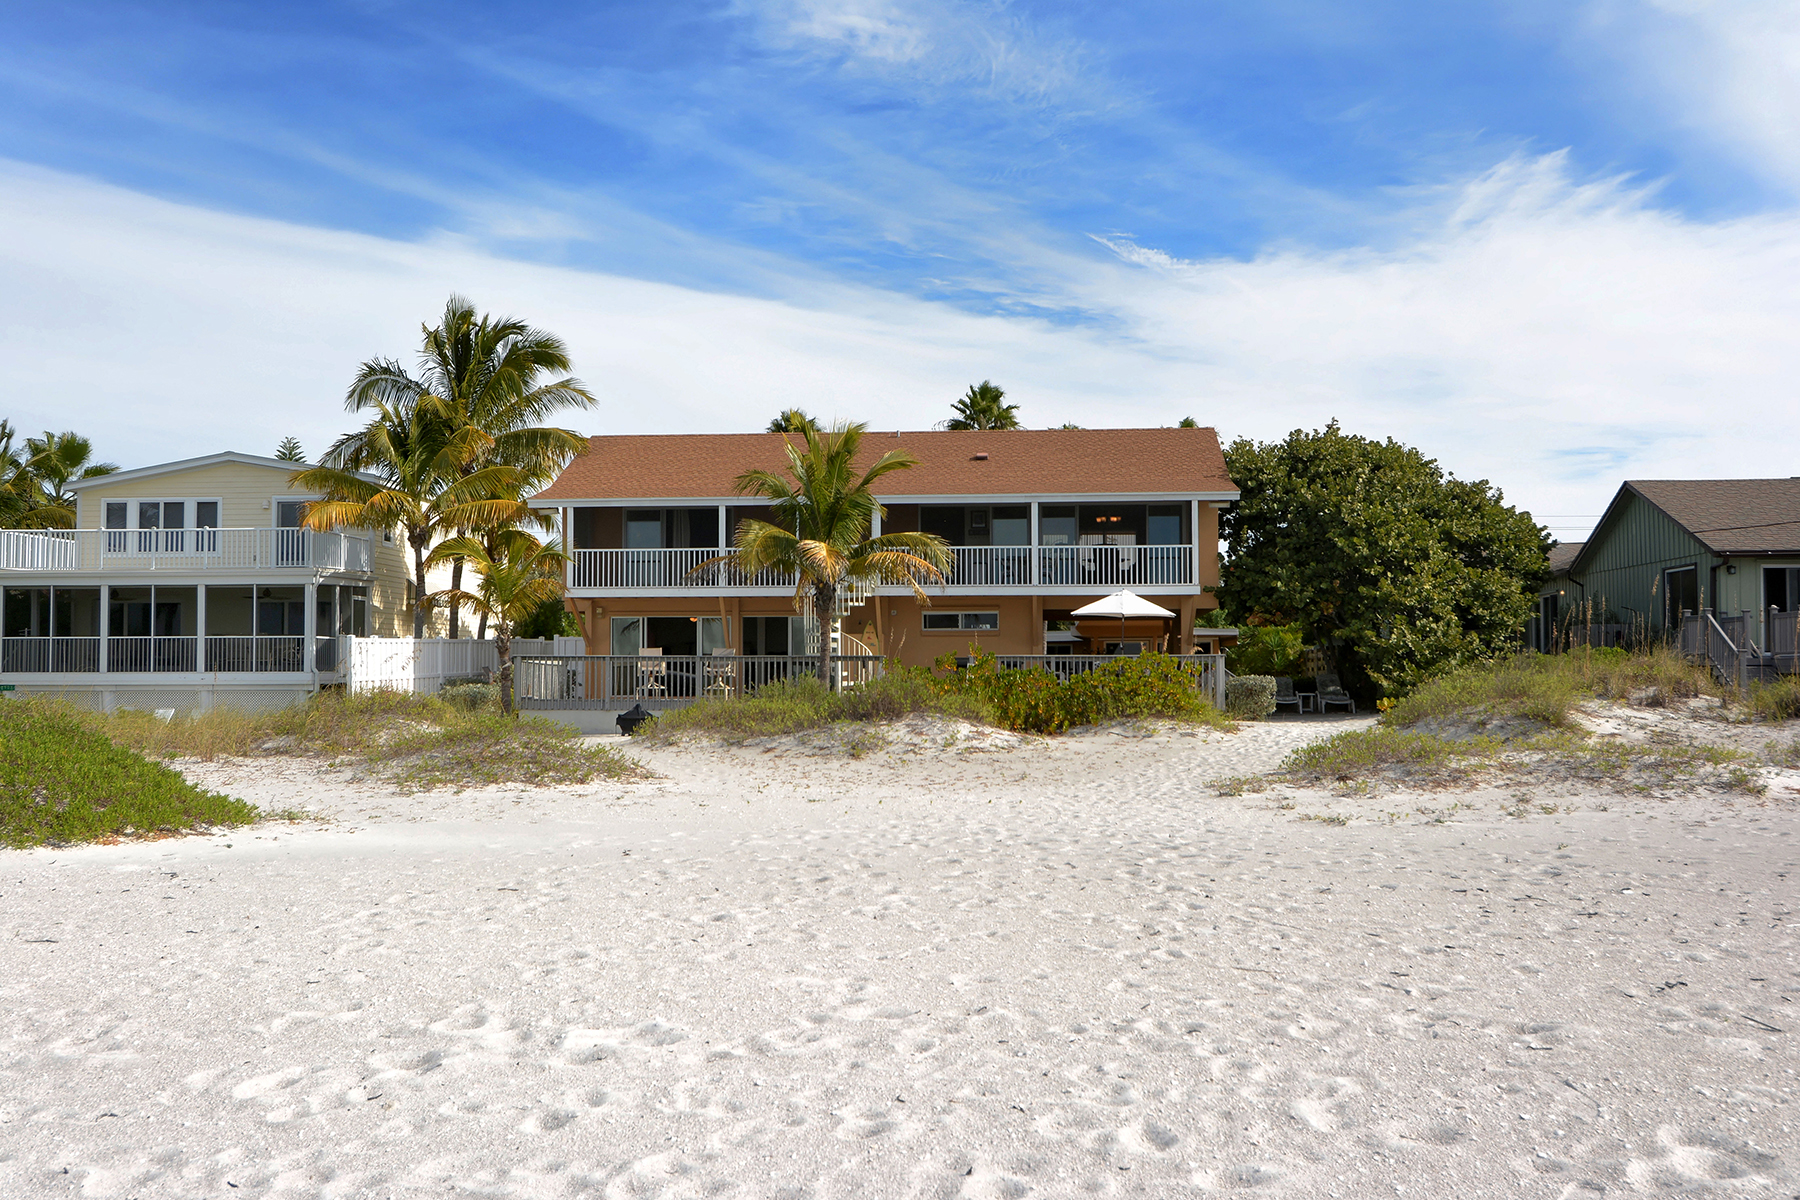 Maison unifamiliale pour l Vente à LONGBOAT KEY 2837 Gulf Of Mexico Dr Longboat Key, Florida 34228 États-Unis